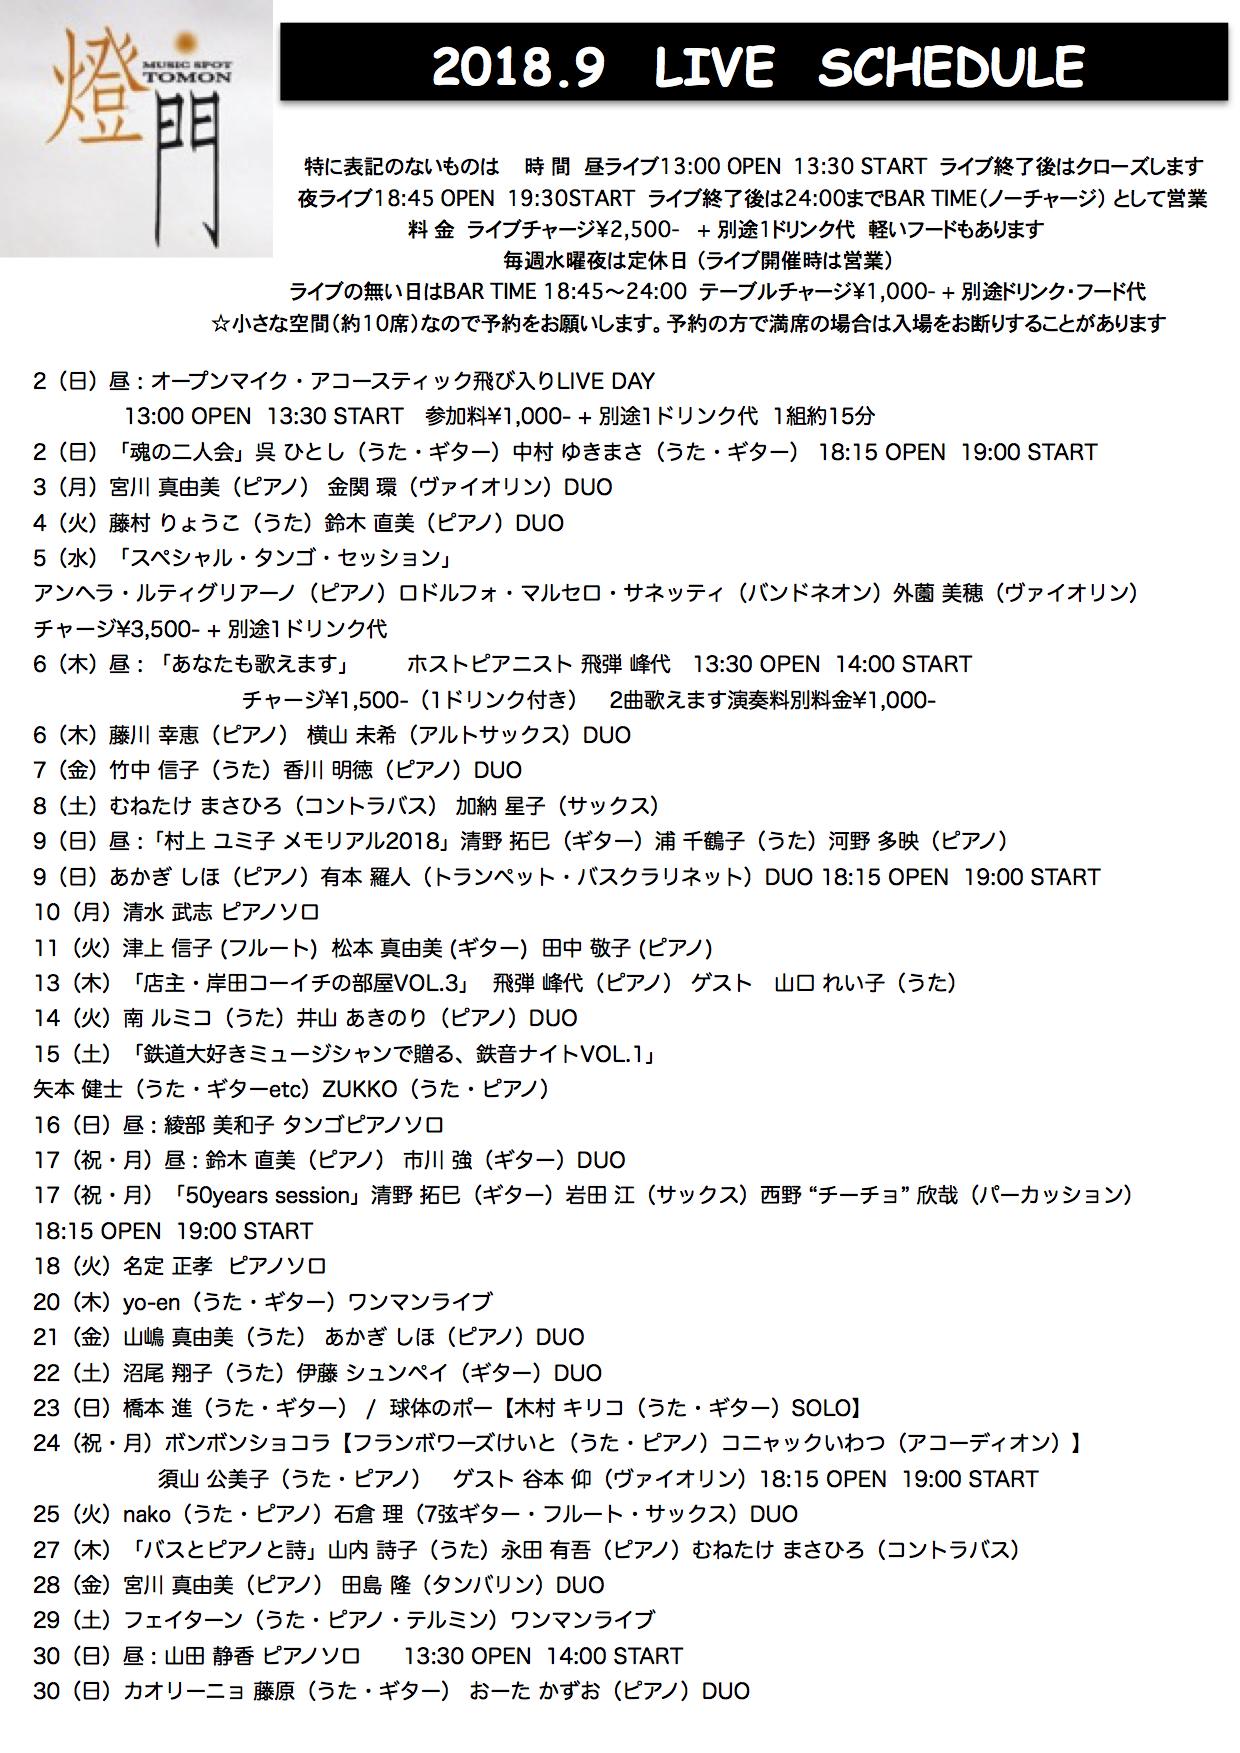 2018年9月ライブ予定(8.1現在 決定分)